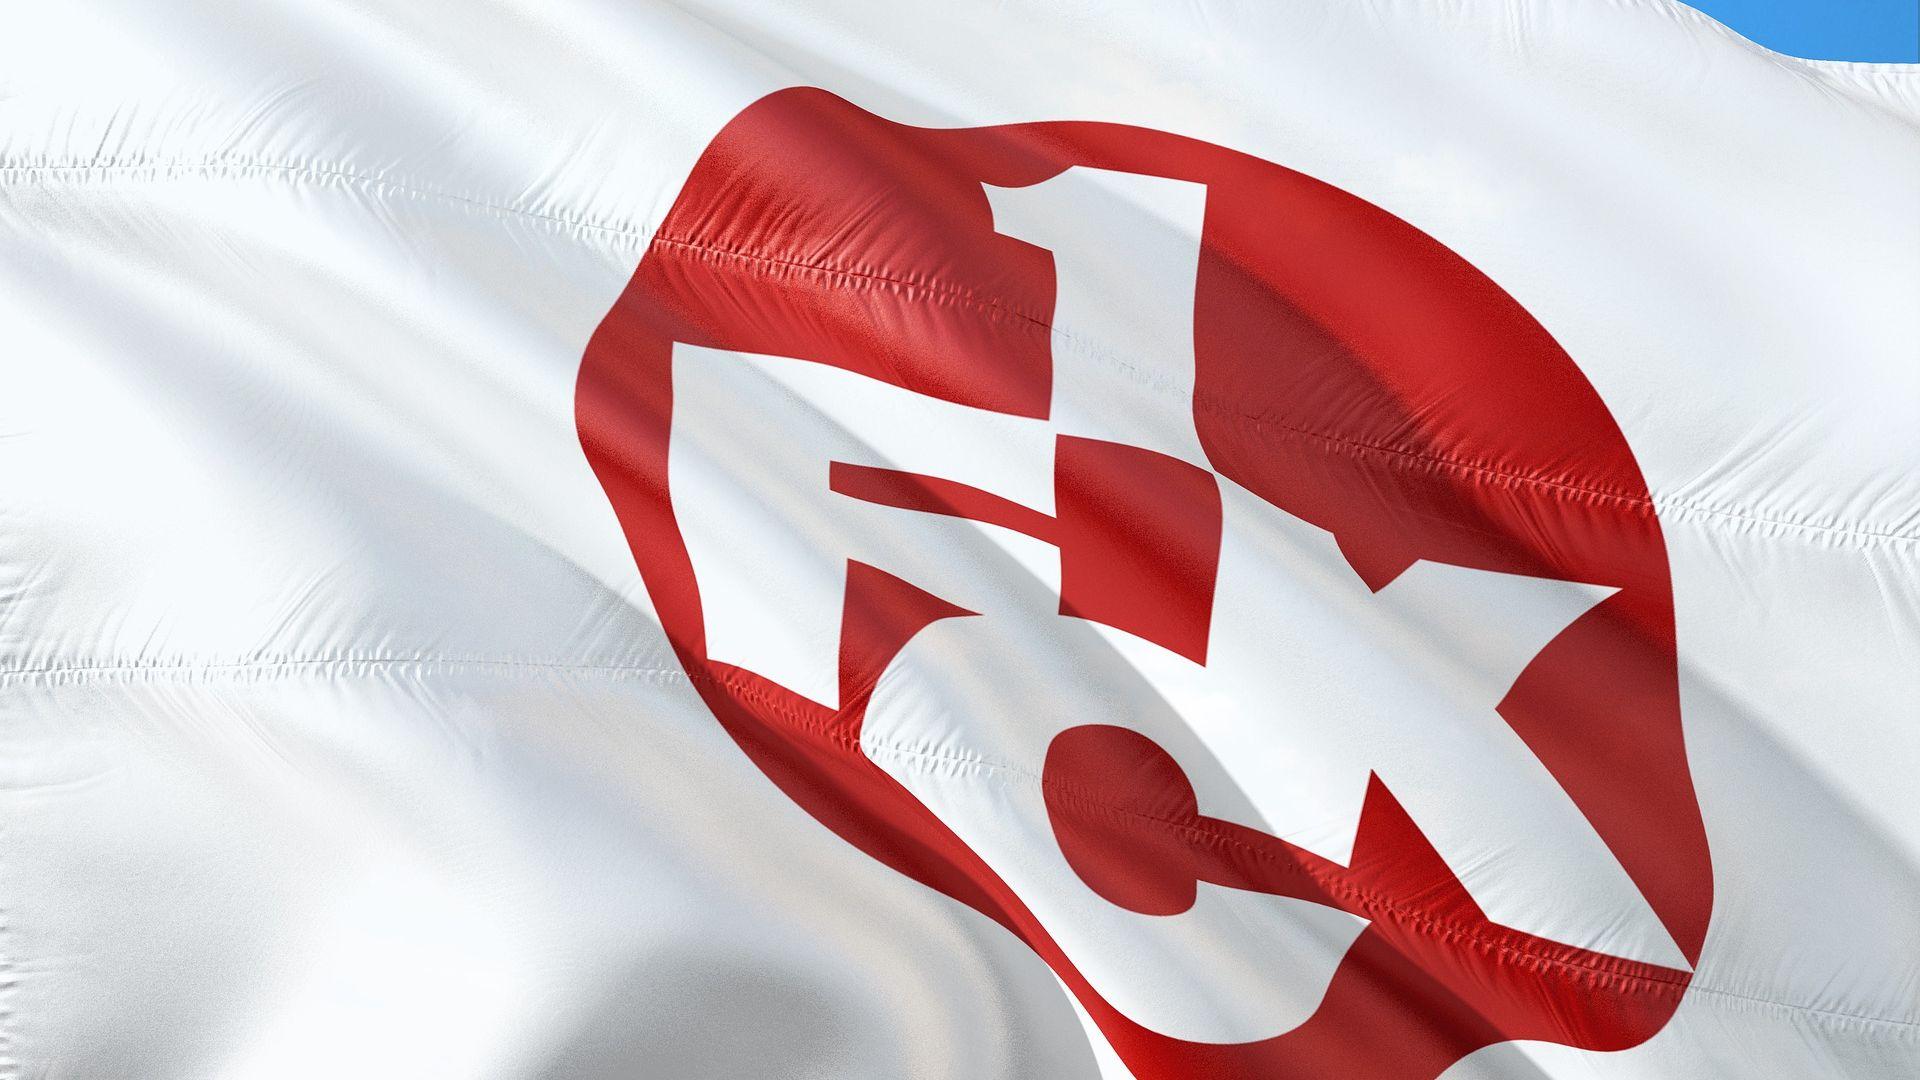 Sascha Hildmann und der FCK trennen sich-Image